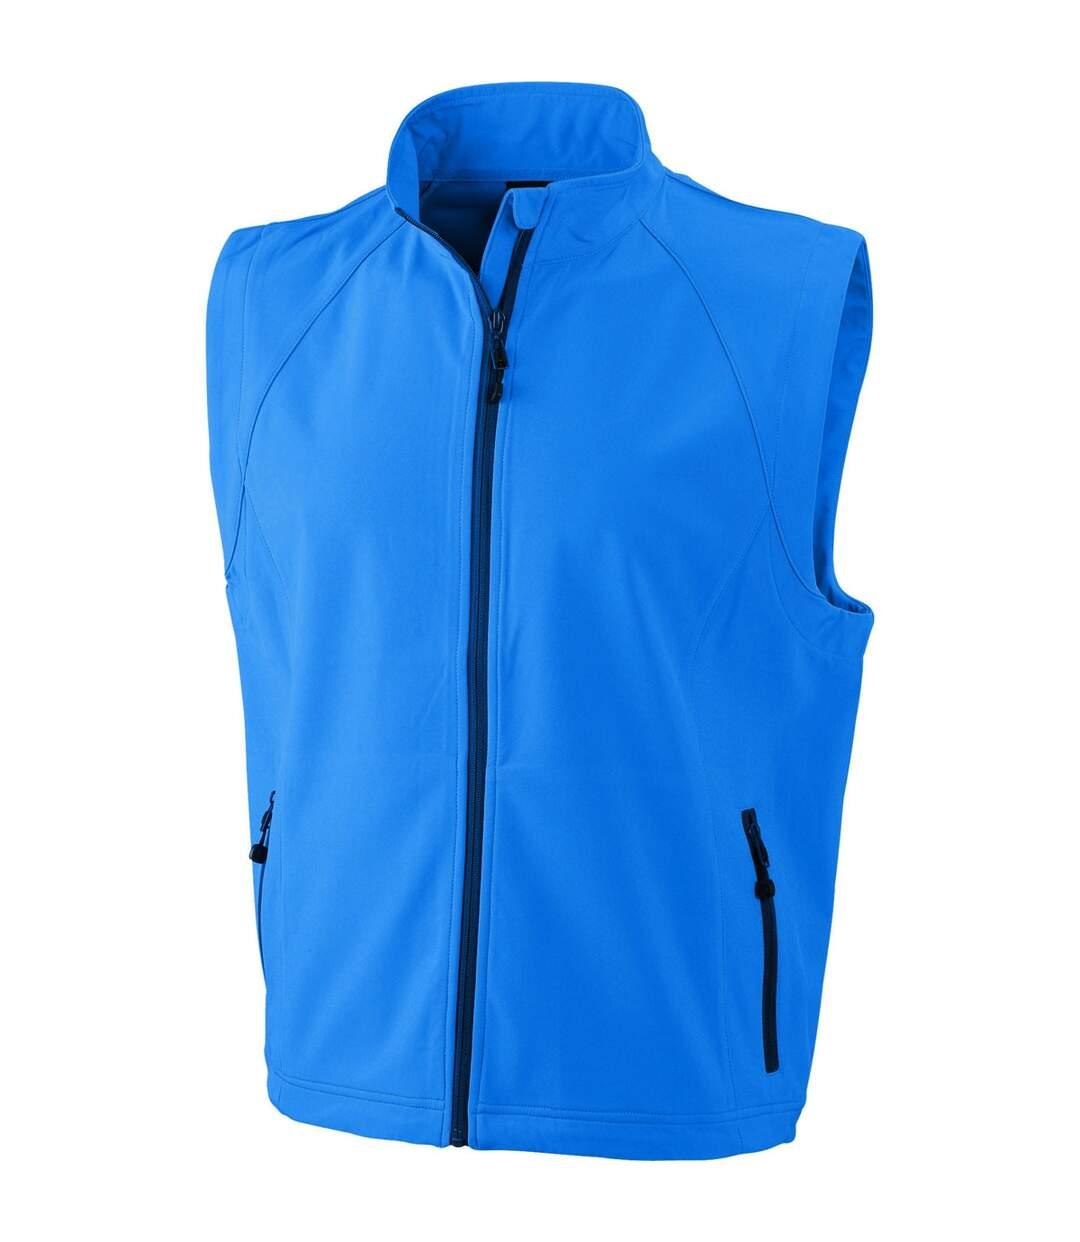 Gilet sans manches softshell coupe-vent imperméable - JN1022 - bleu azur - homme